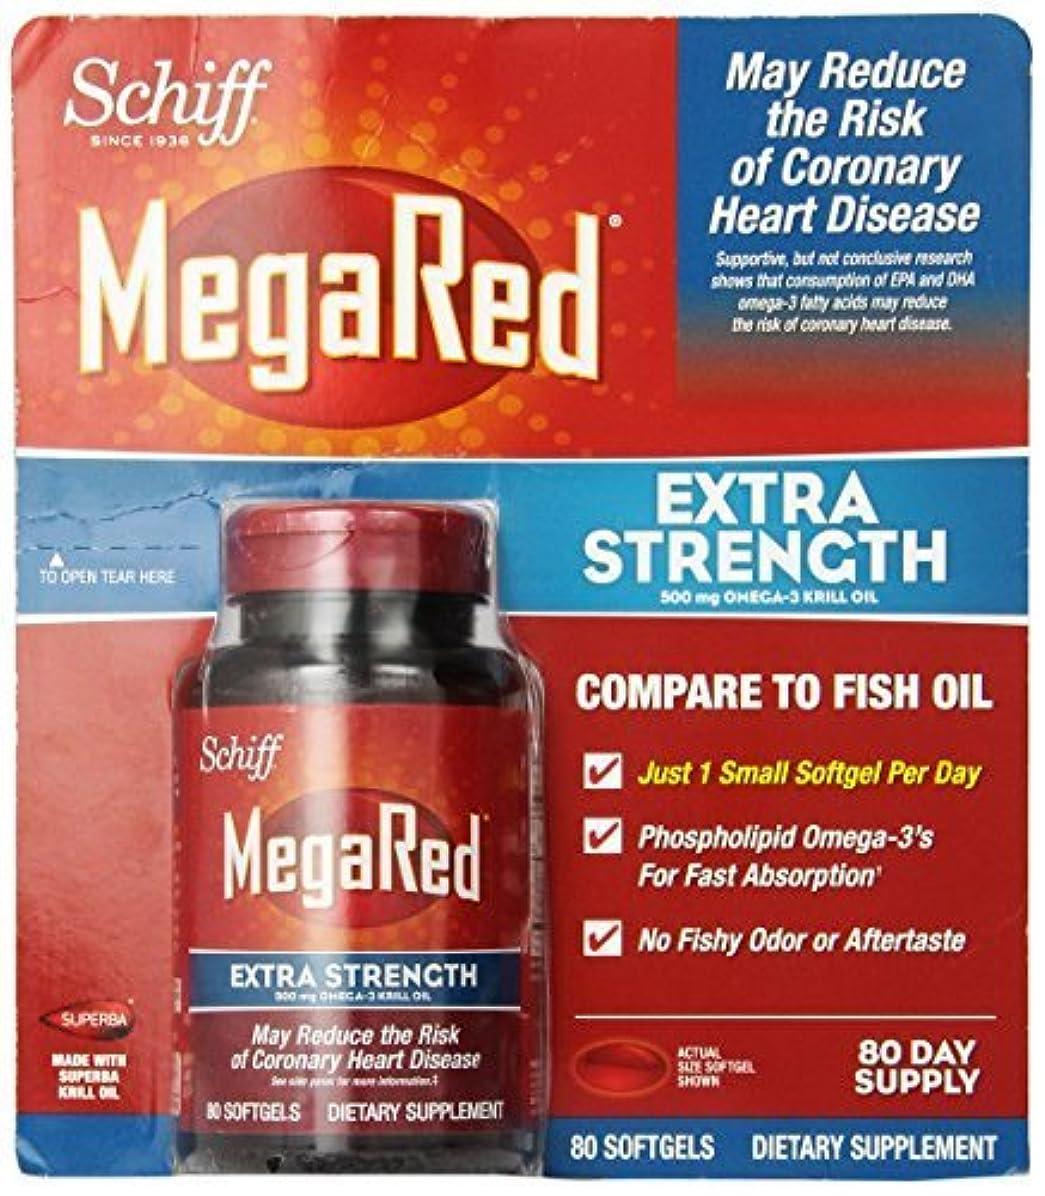 ジャベスウィルソンタブレット暖炉Schiff MegaRed Extra Strength 500mg Omega 3 Krill Oil Softgel, (80 ct) by Megared [並行輸入品]